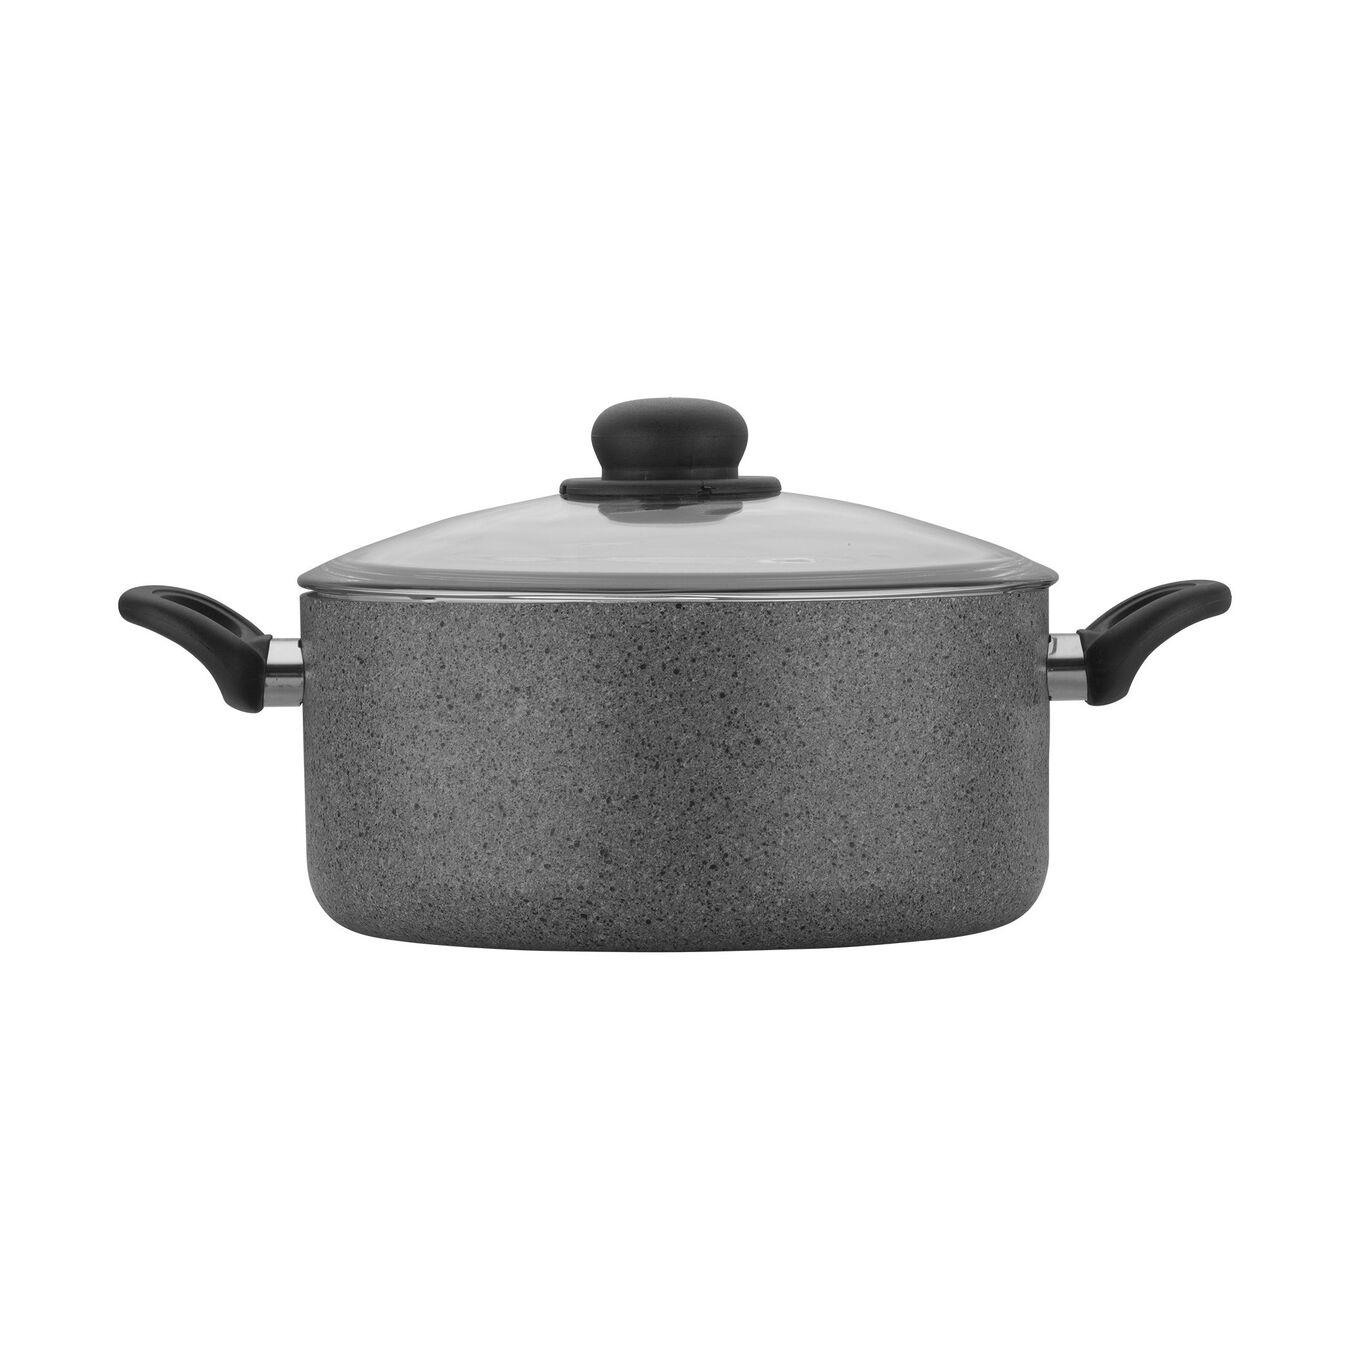 10 Piece Aluminium Cookware set,,large 4